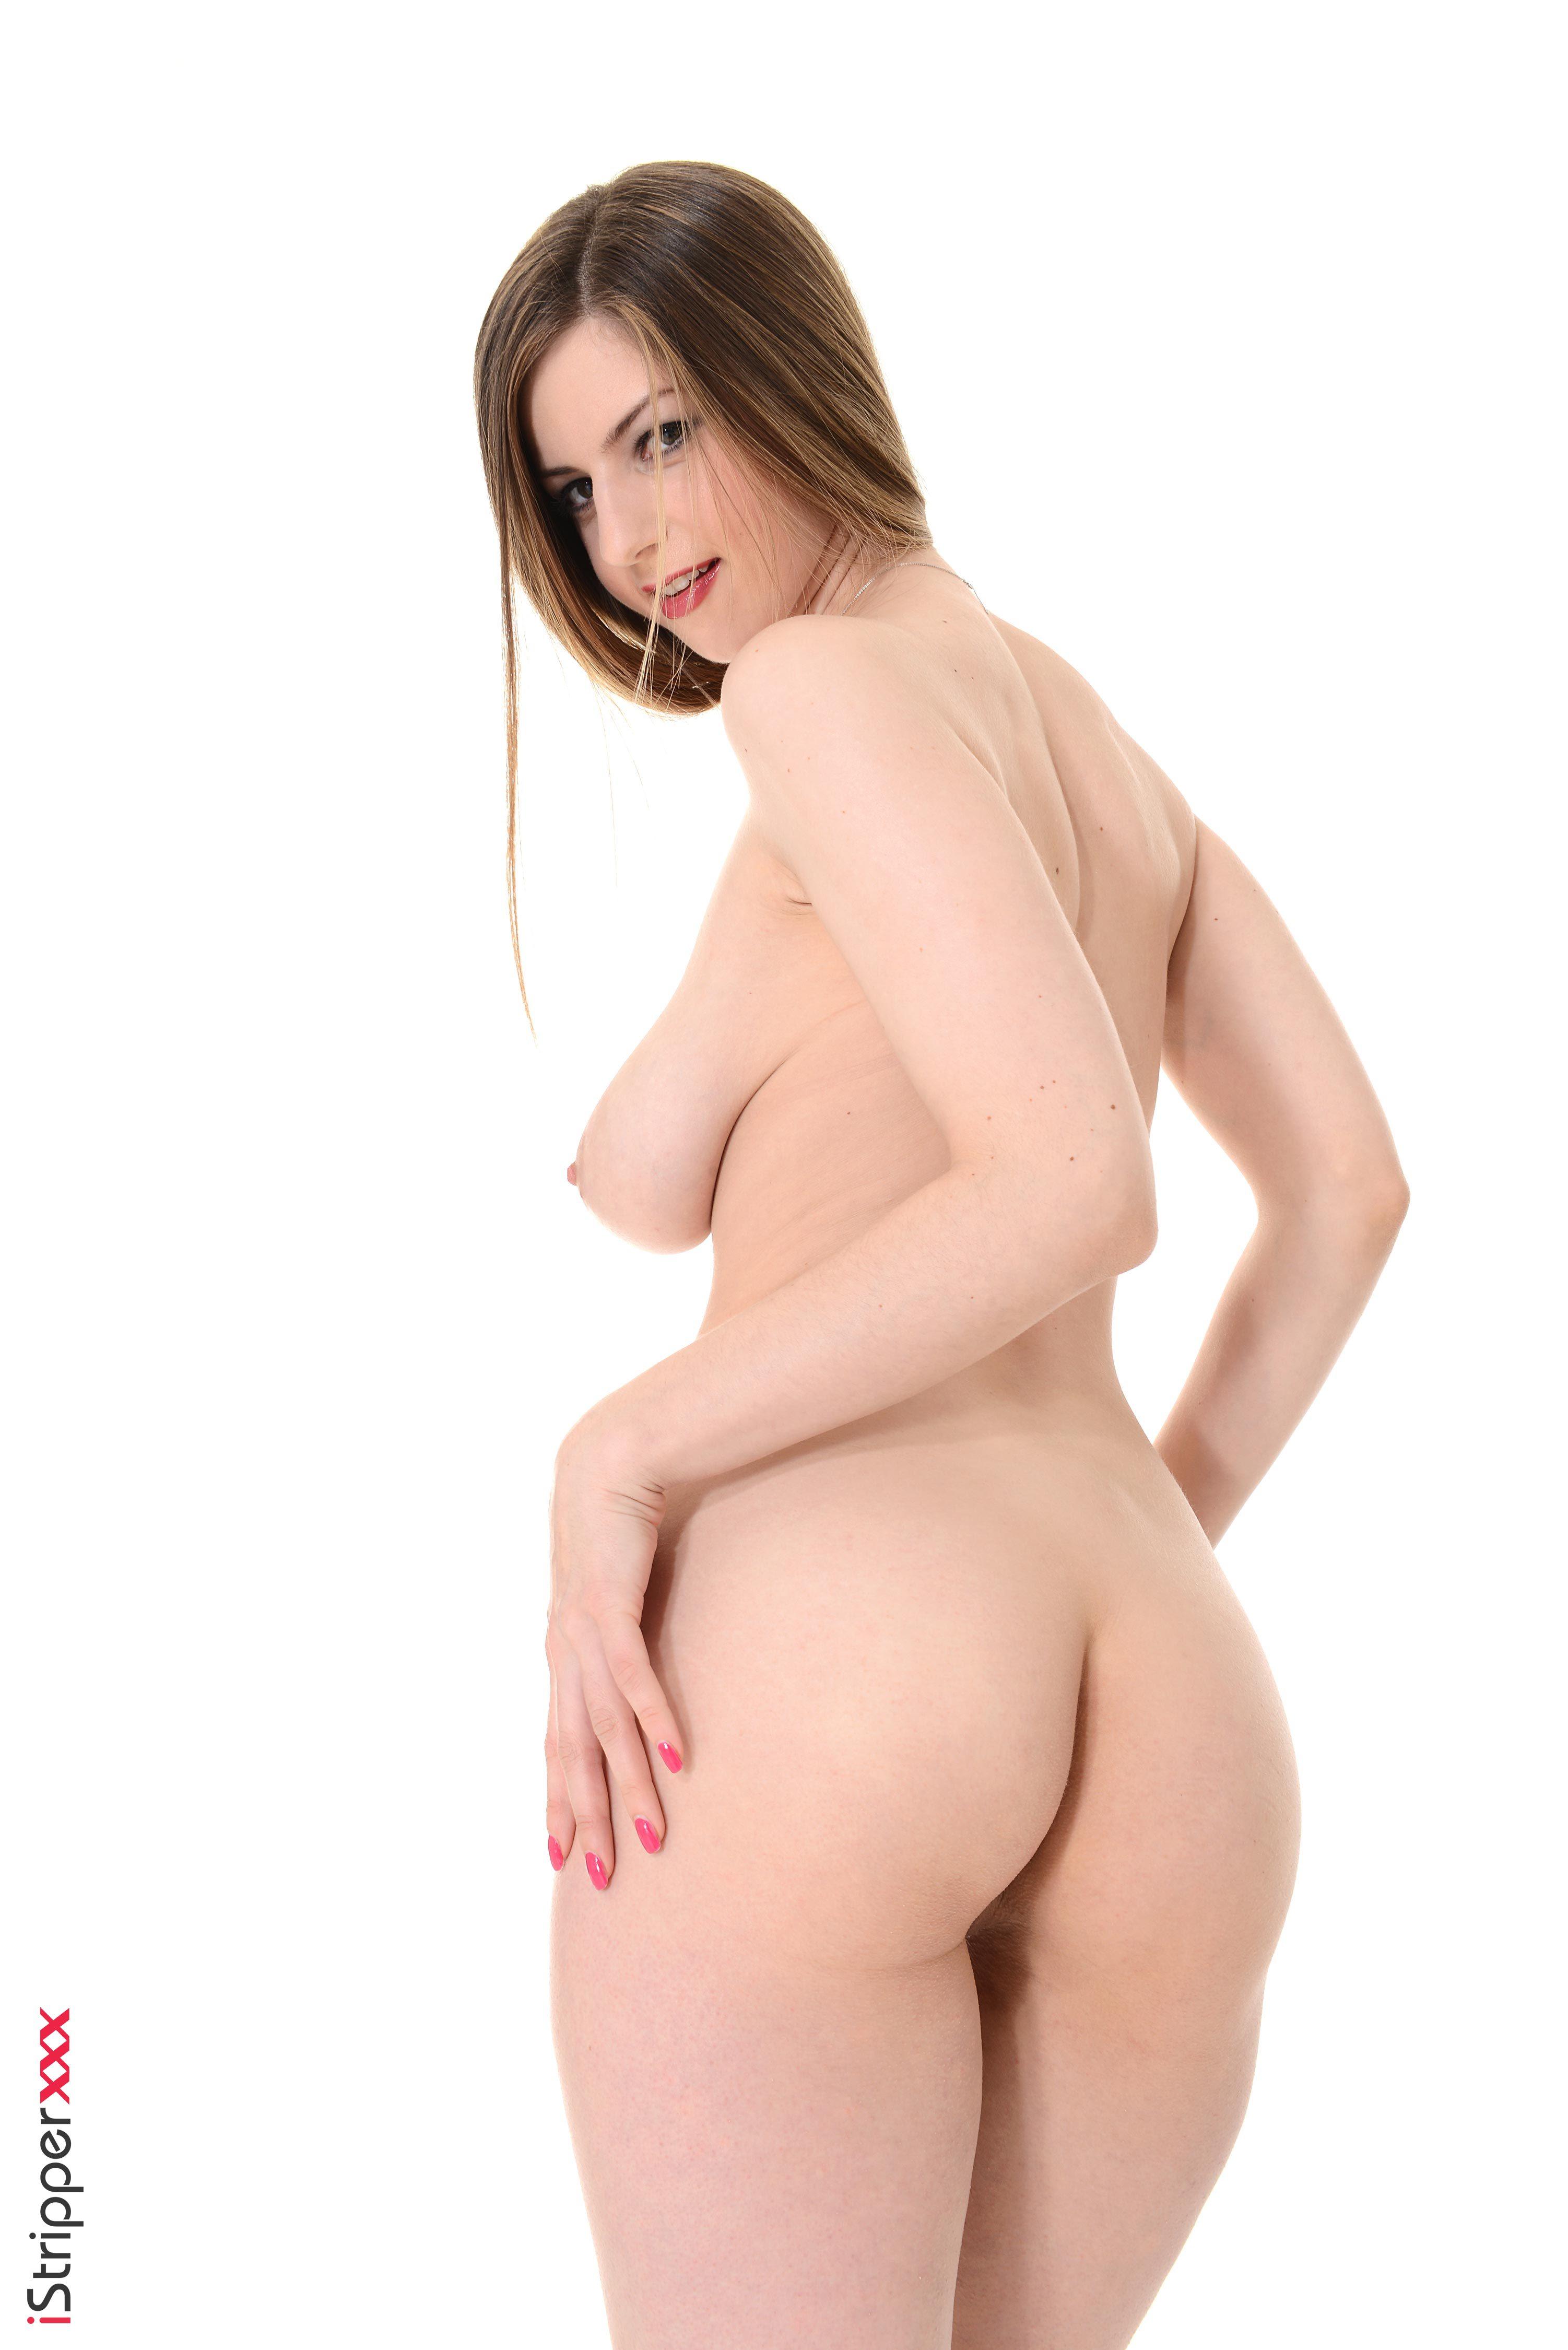 boobs wallpapar